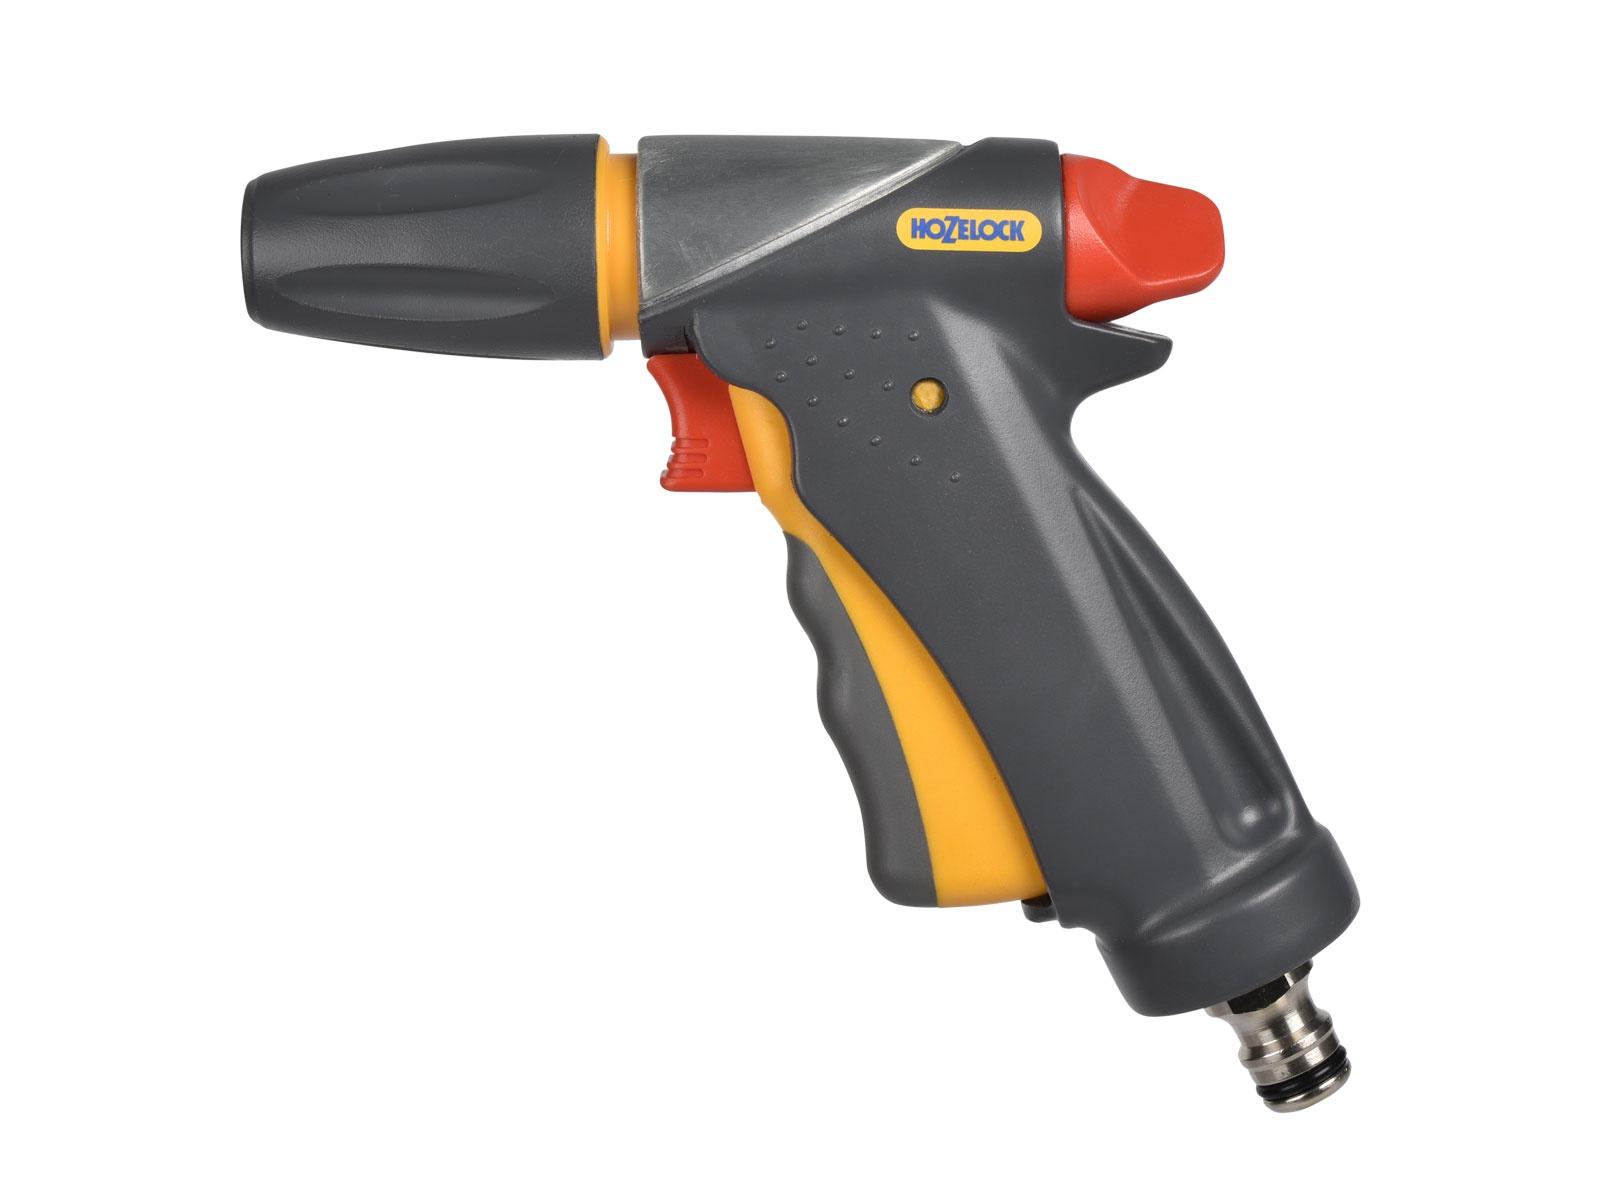 """Пистолет для полива Hozelock """"Jet Spray Ultraмax"""" Pro 2696, 3 режима, металлический, серый, желтый, красный"""